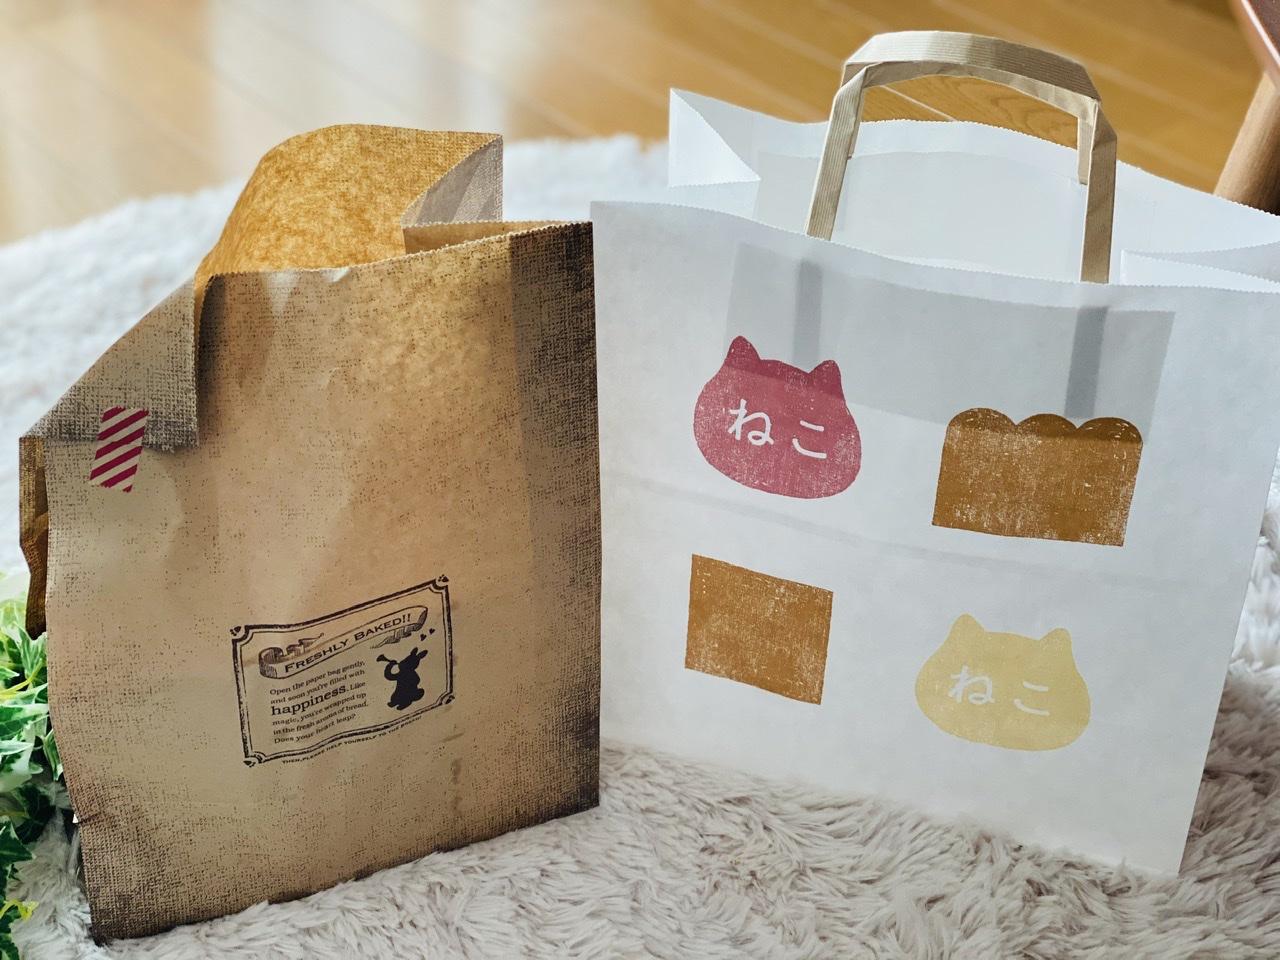 【オンライン販売開始!】可愛さ満点で売切れ続出!念願の《ねこねこ食パン》をGET♡_6